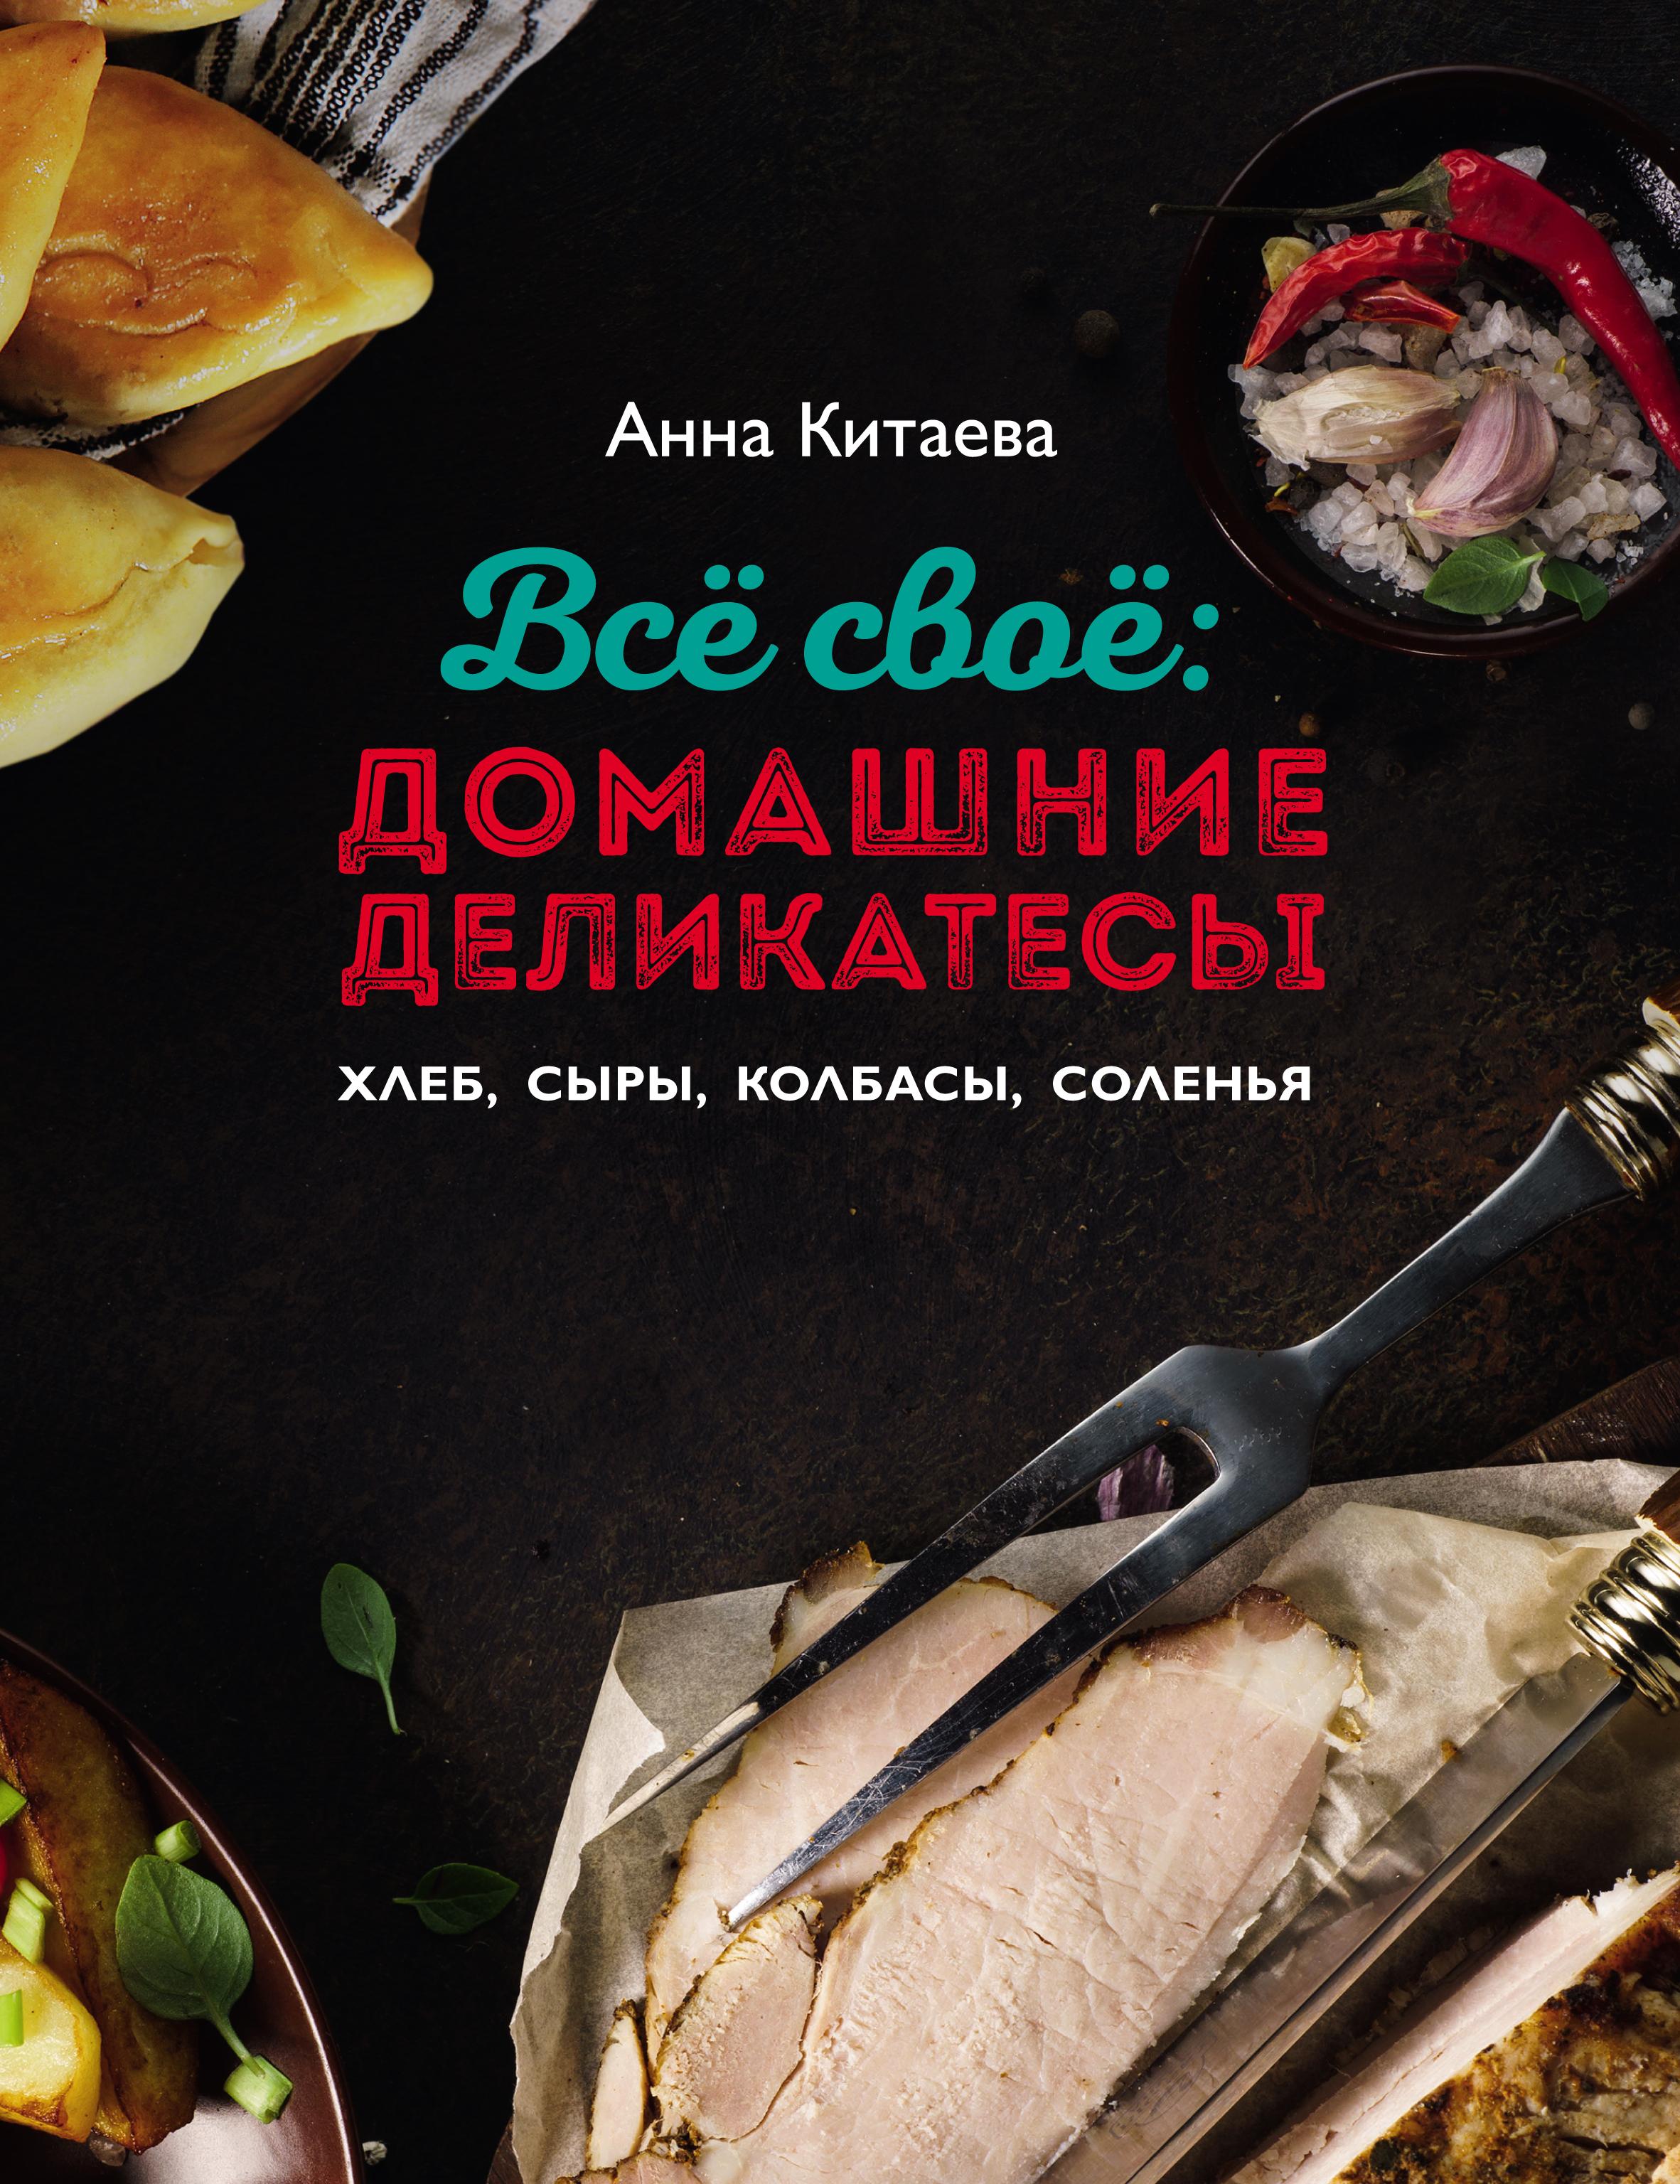 Анна Китаева Всё своё: домашние деликатесы китаева а всё своё домашние деликатесы